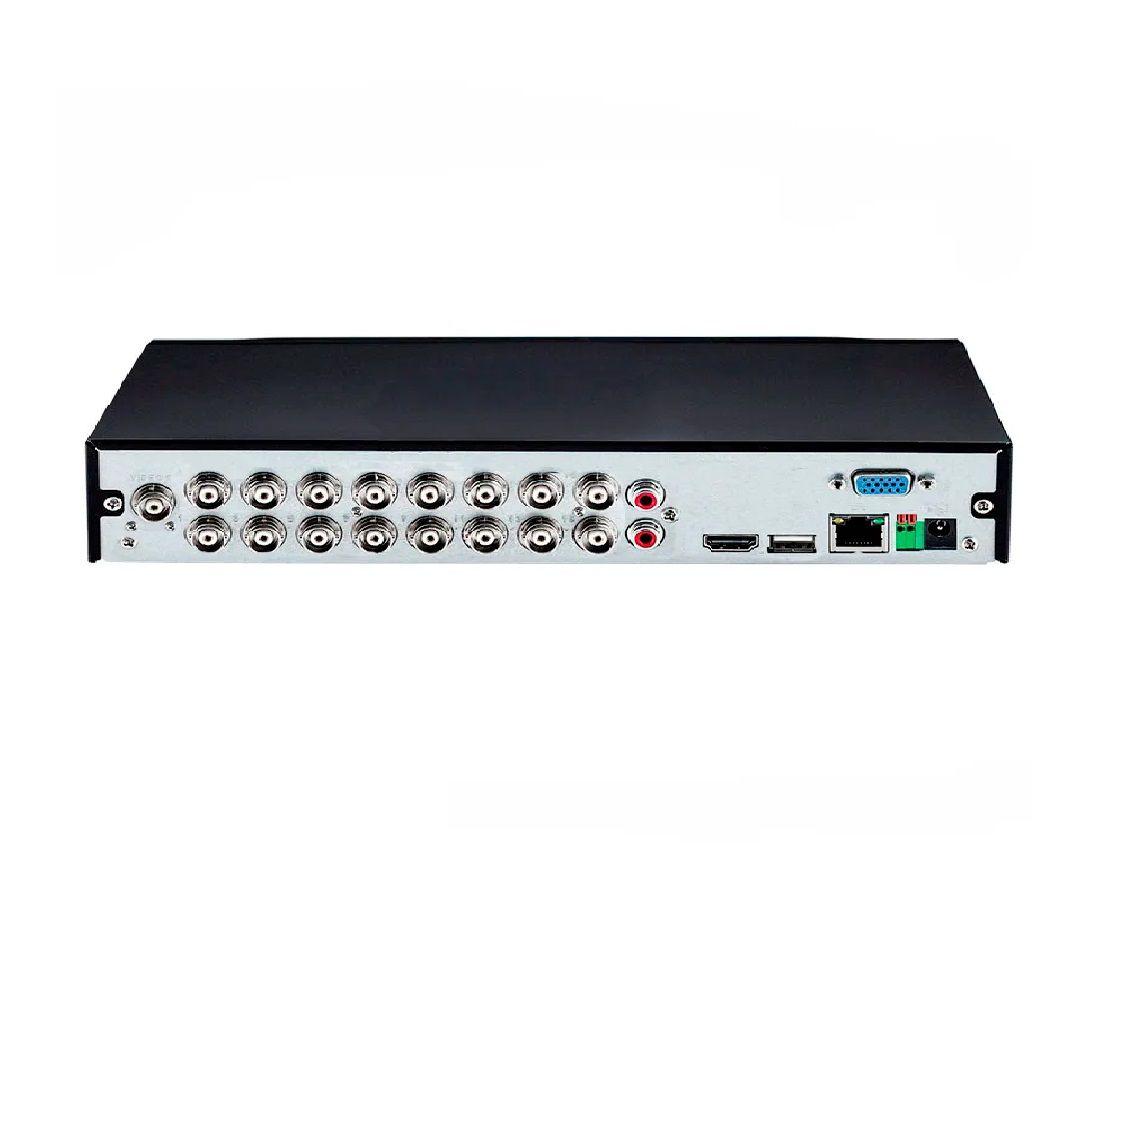 DVR Stand Alone Multi HD Intelbras MHDX-1116 16 Canais + HD 1TB WD Purple de CFTV